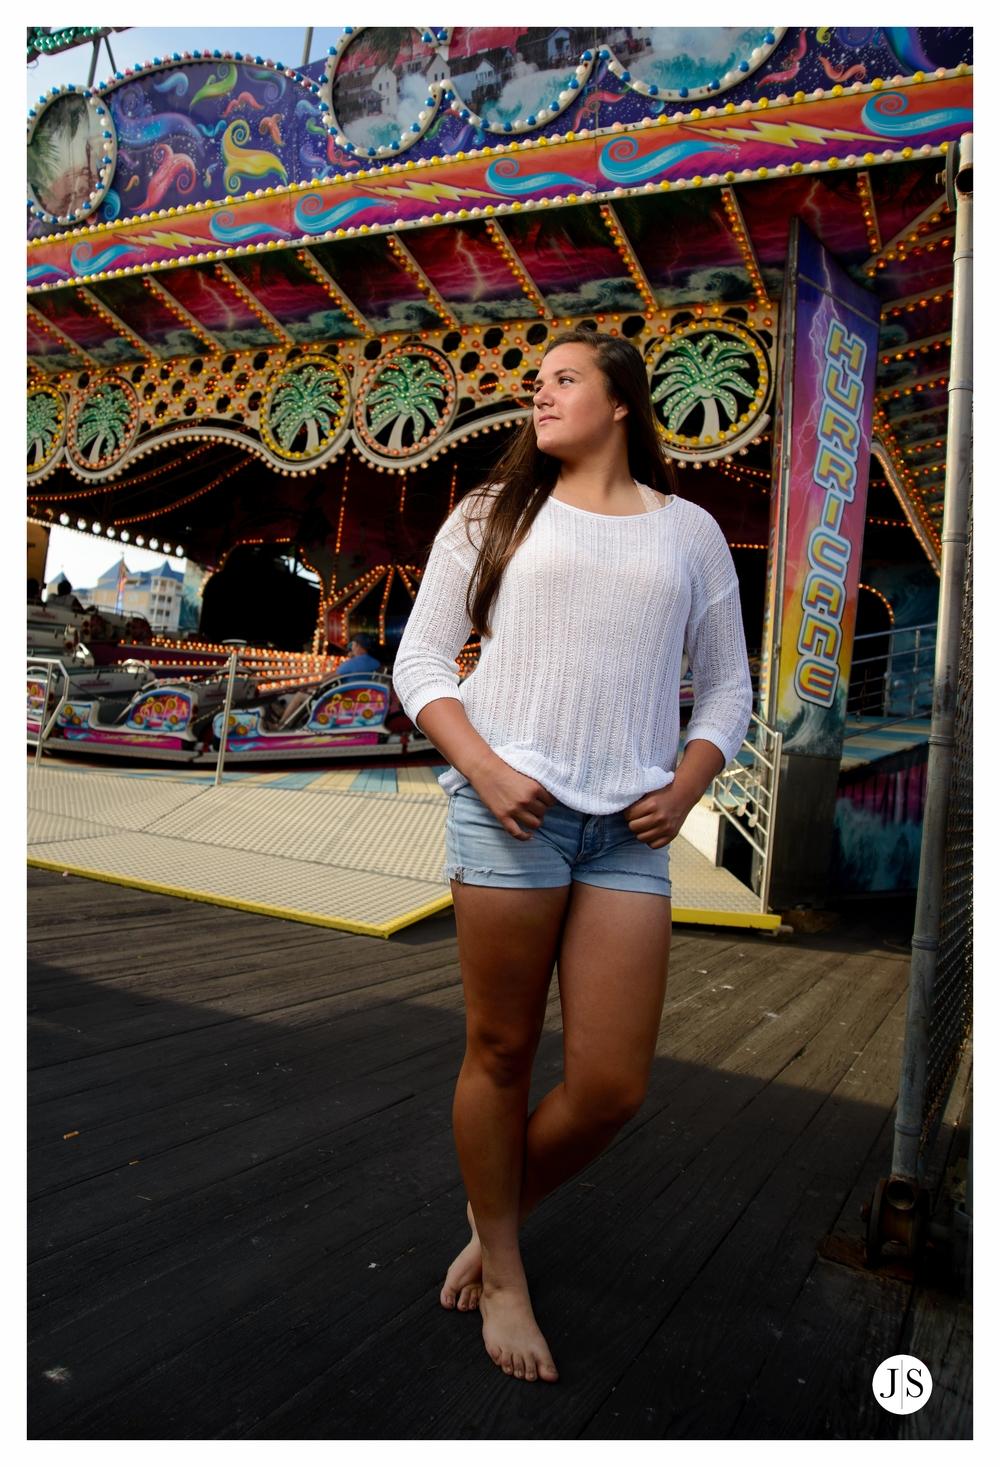 senior-portraits-ocean city-maryland-beach-photo 7.jpg